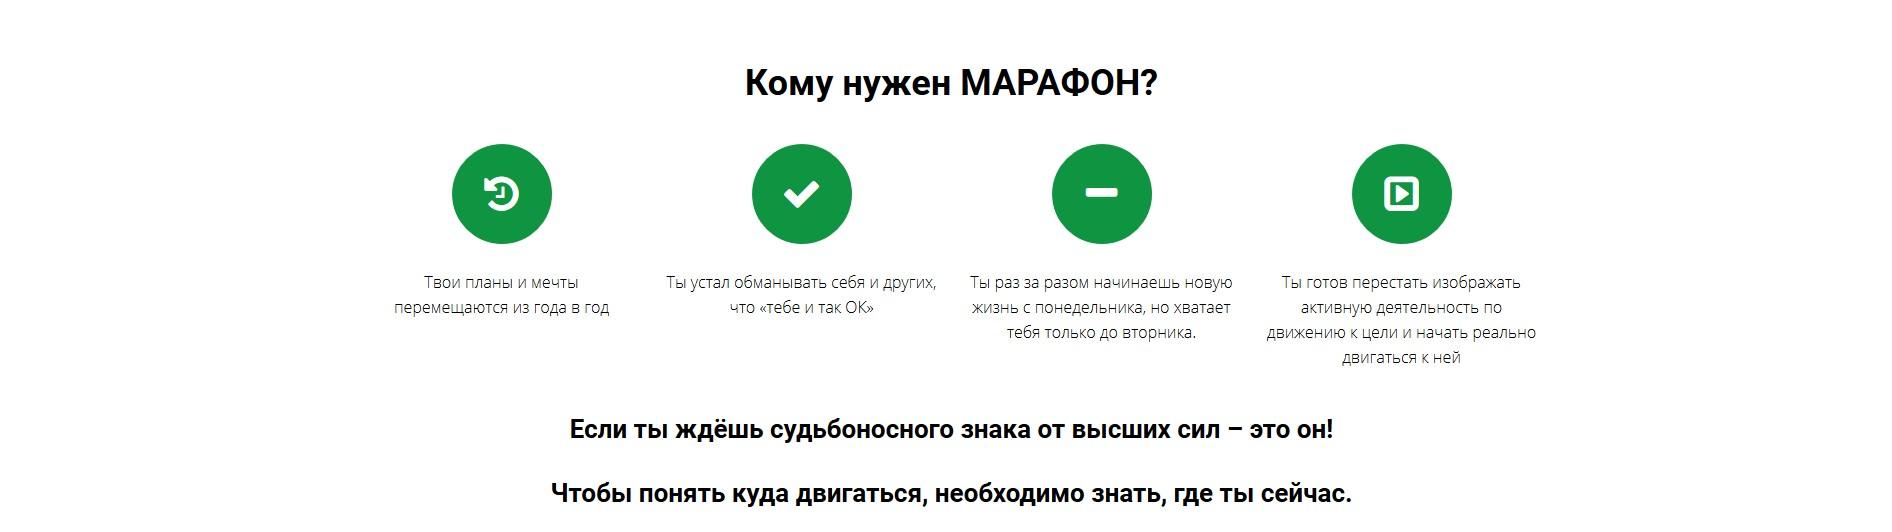 60a0b7321ff027a1d4a6444a2da43b7c-jpg.62706